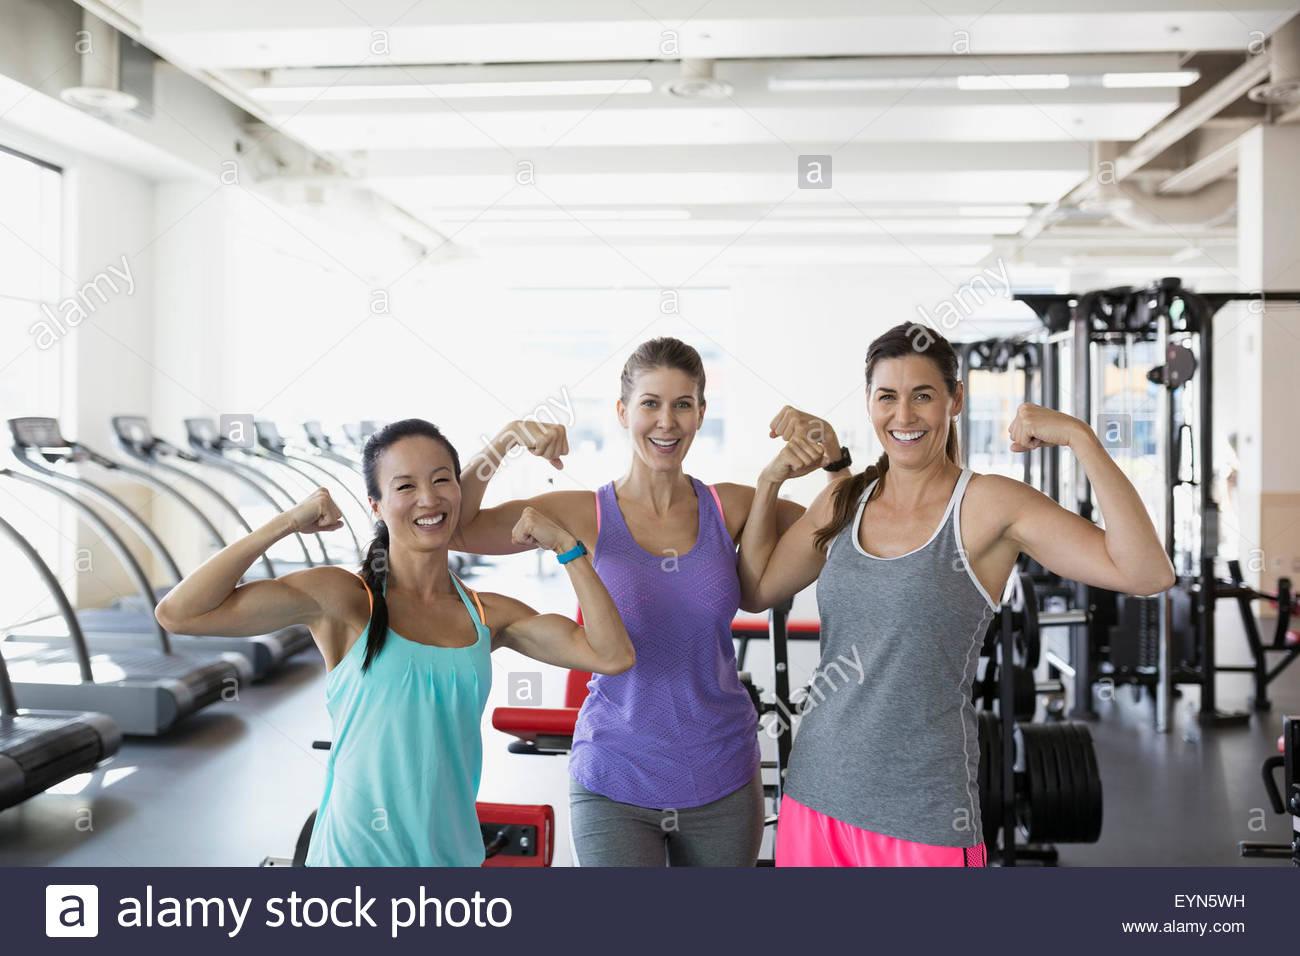 Portrait confident women flexing muscles at gym - Stock Image